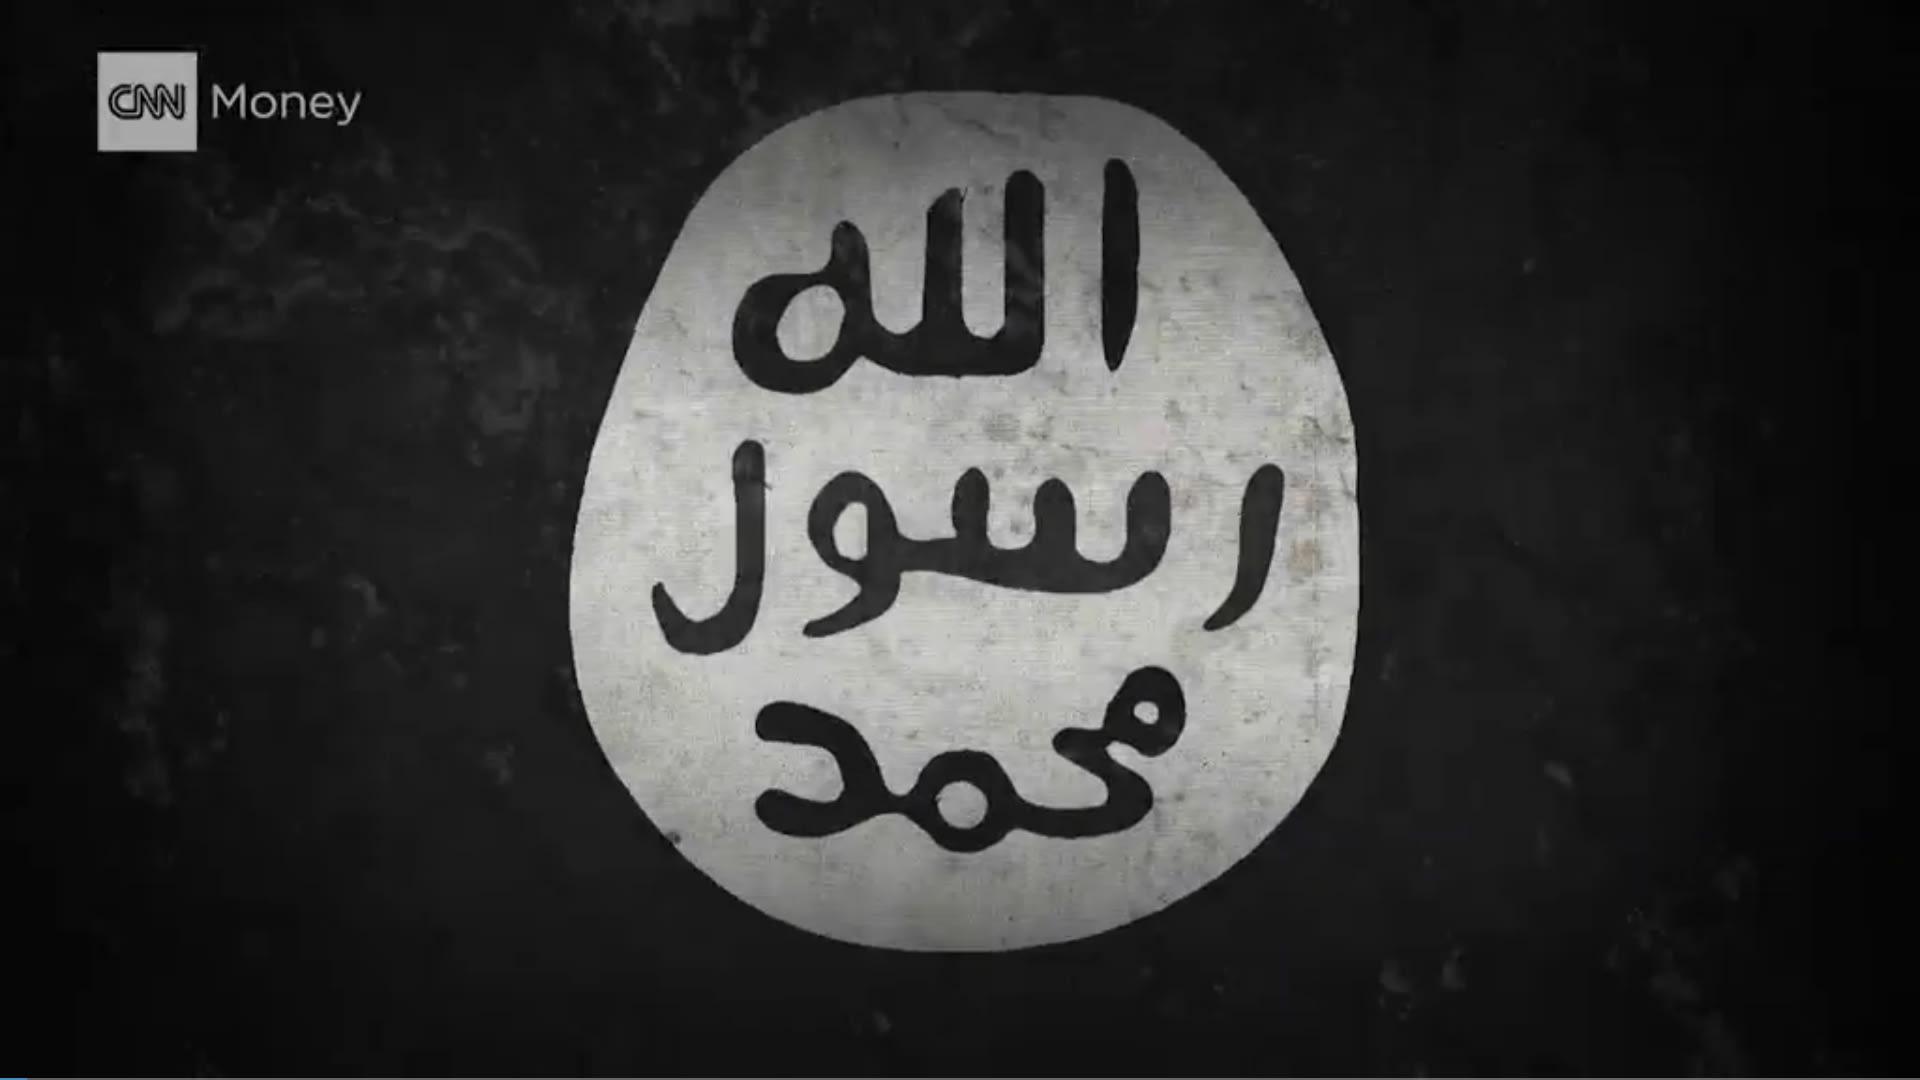 محلل أمريكي لـCNN: داعش يستعد لهجمات في أوروبا وخلاياه مزروعة بالقارة